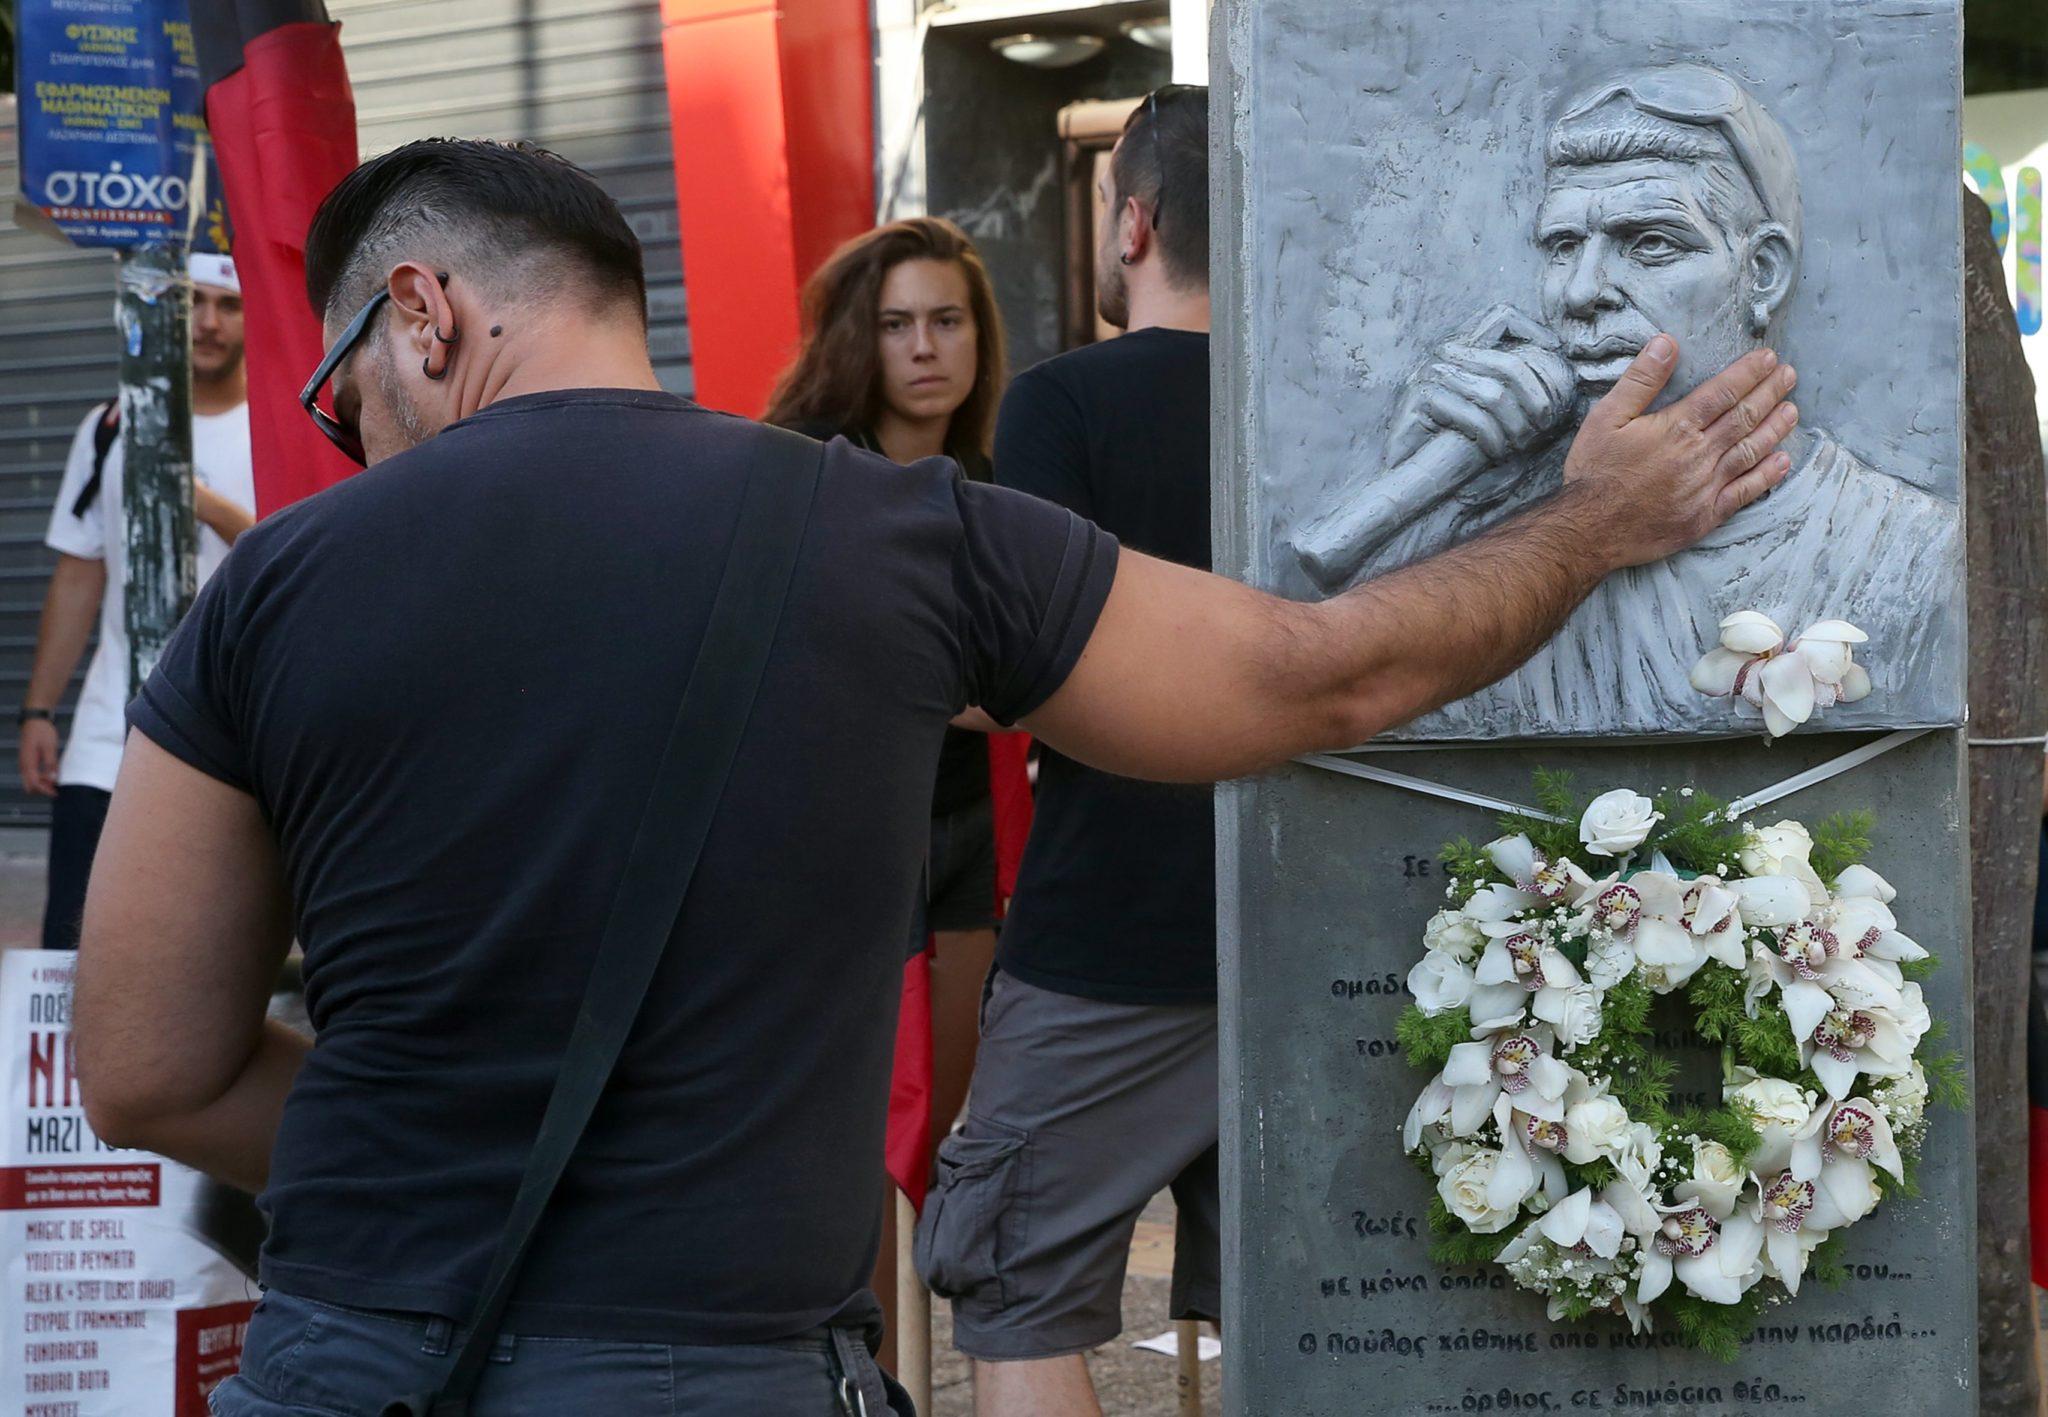 Pomnik na cześć greckiego muzyka Pavlosa Fyssasa, który 18 września 2013 roku został zastrzelony przez członka ultraprawicowej partii Golden Dawn, fot: Orestis Panagiotou, PAP/EPA